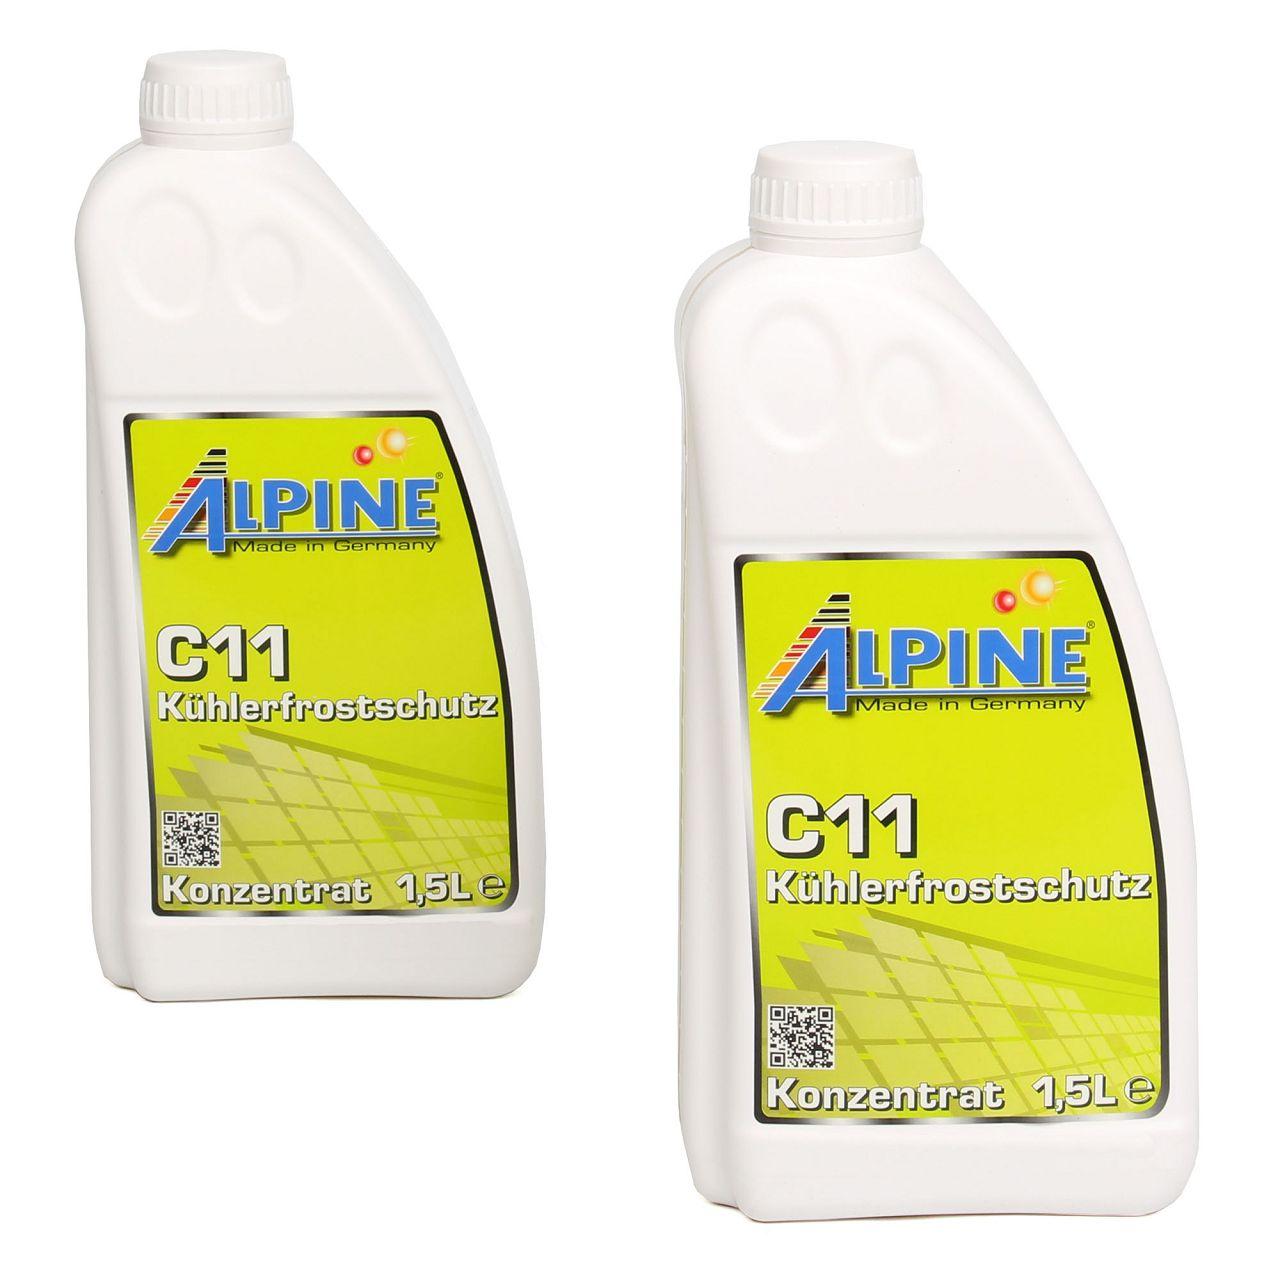 ALPINE Frostschutz Kühler Kühlerfrostschutz Konzentrat 3L C11 G11 GELB